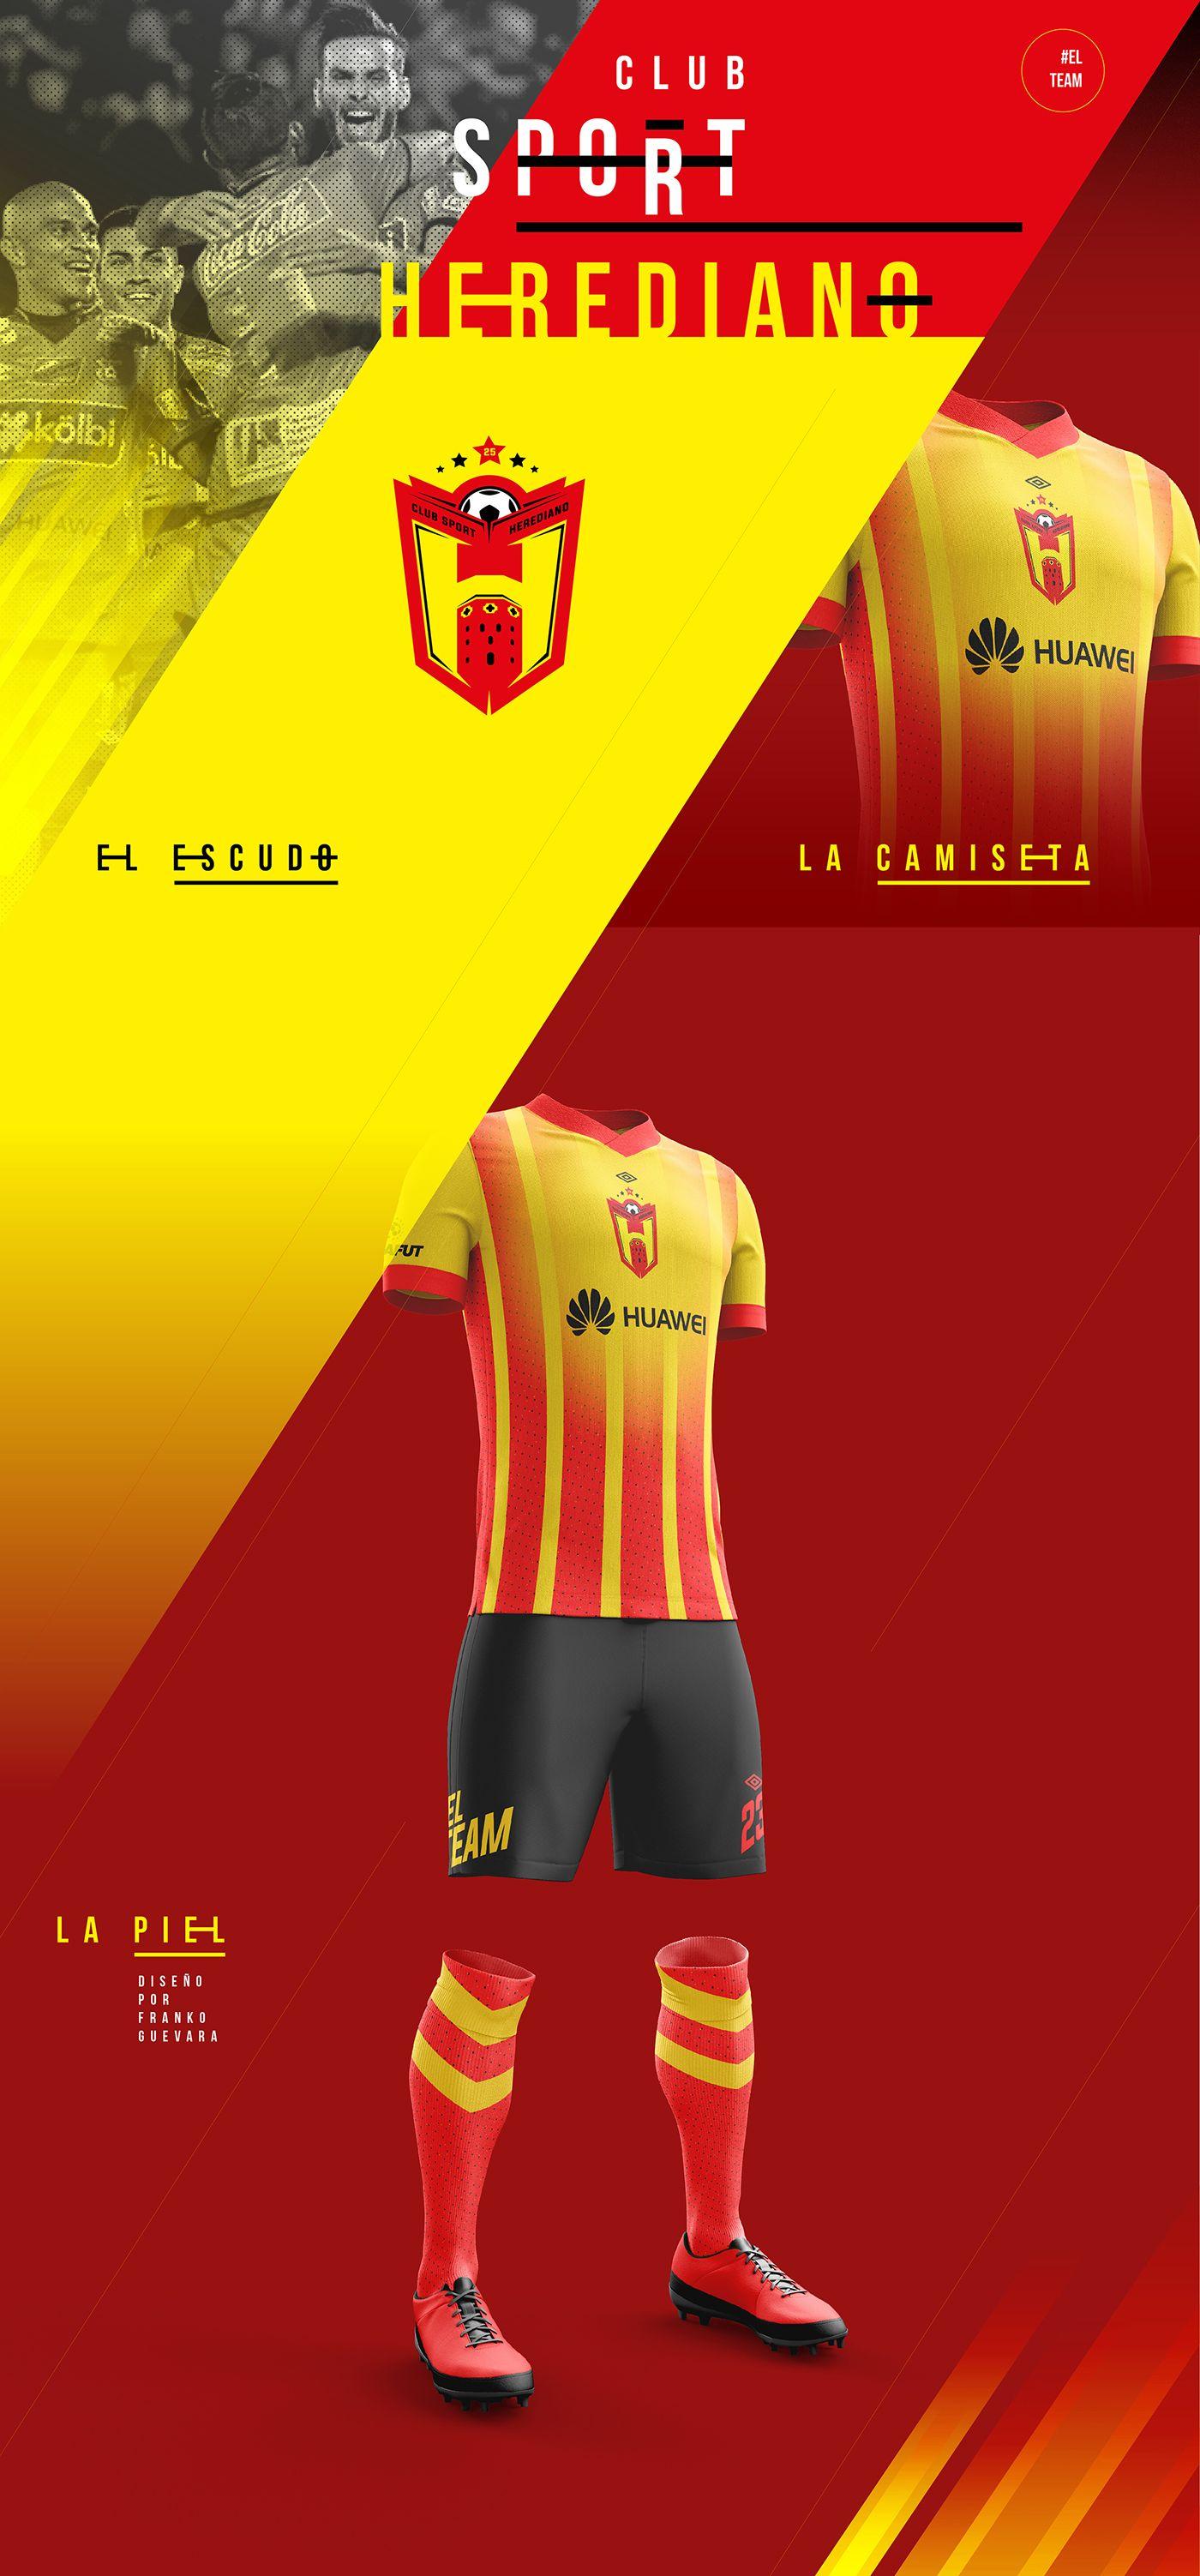 La mejor ropa deportiva colombiana en Costa Rica Deporte Pinterest